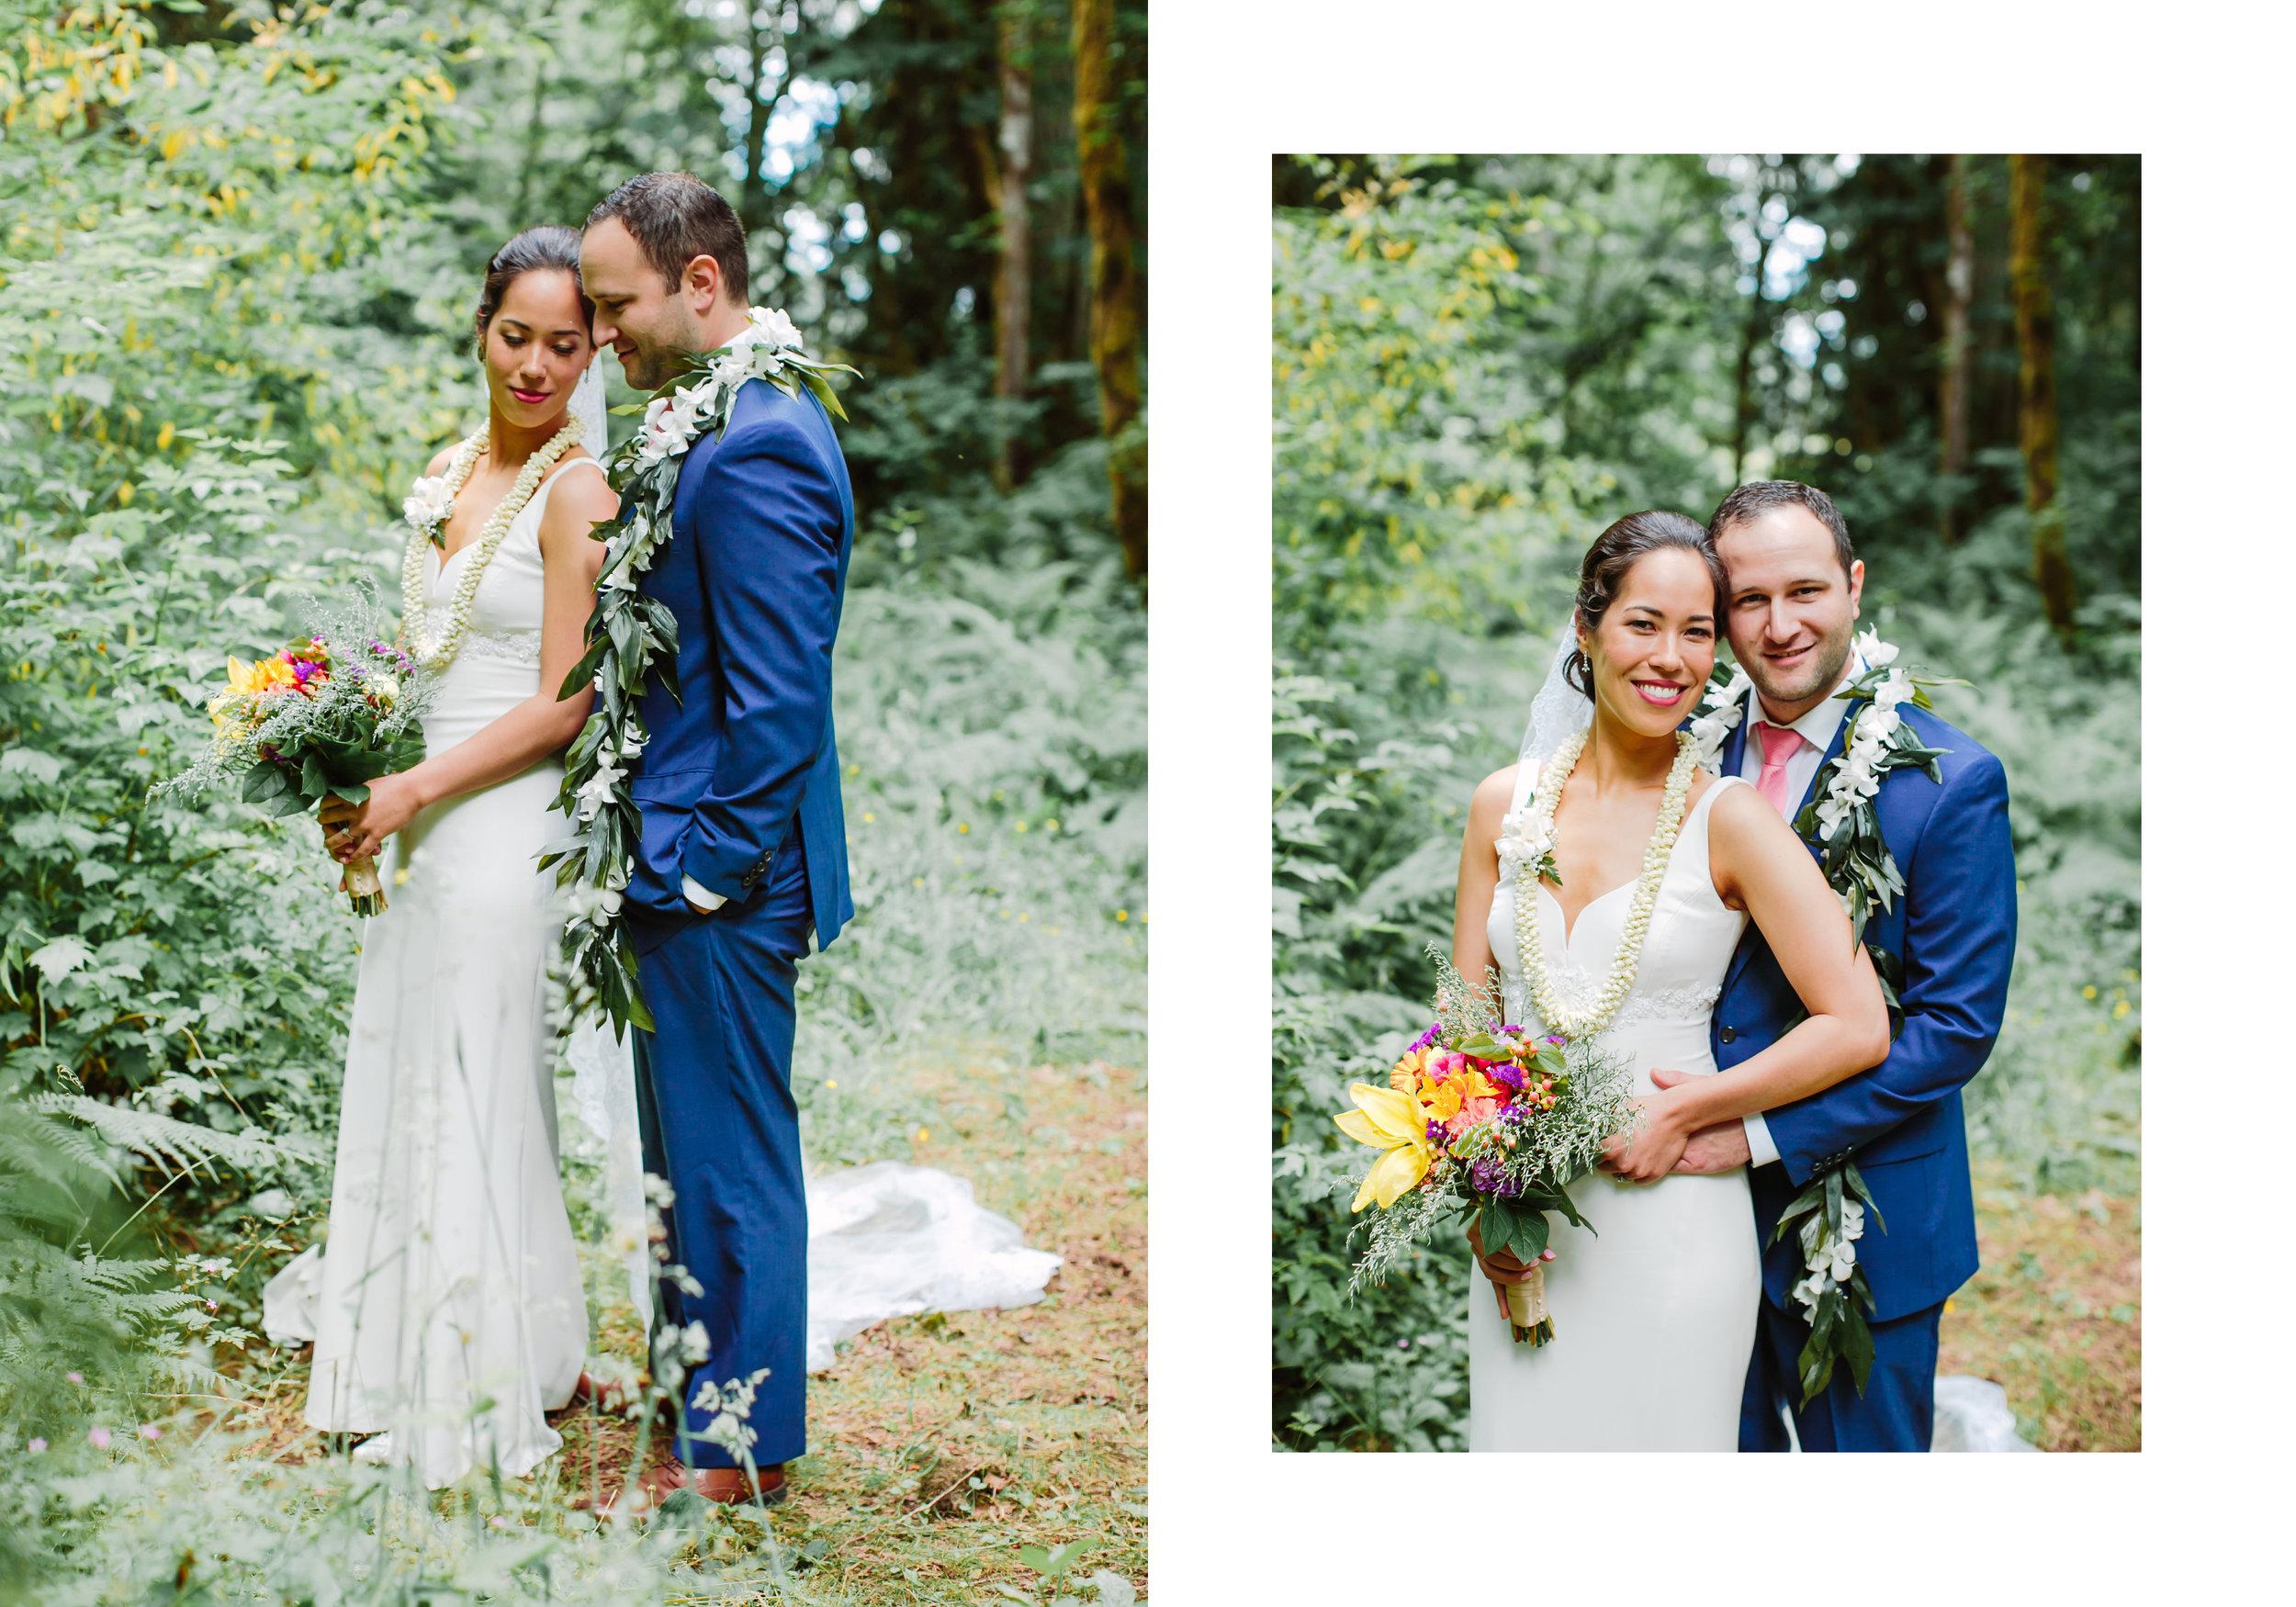 horningshideout-wedding-portland-oregon-ashley-courter-photographer0035.JPG